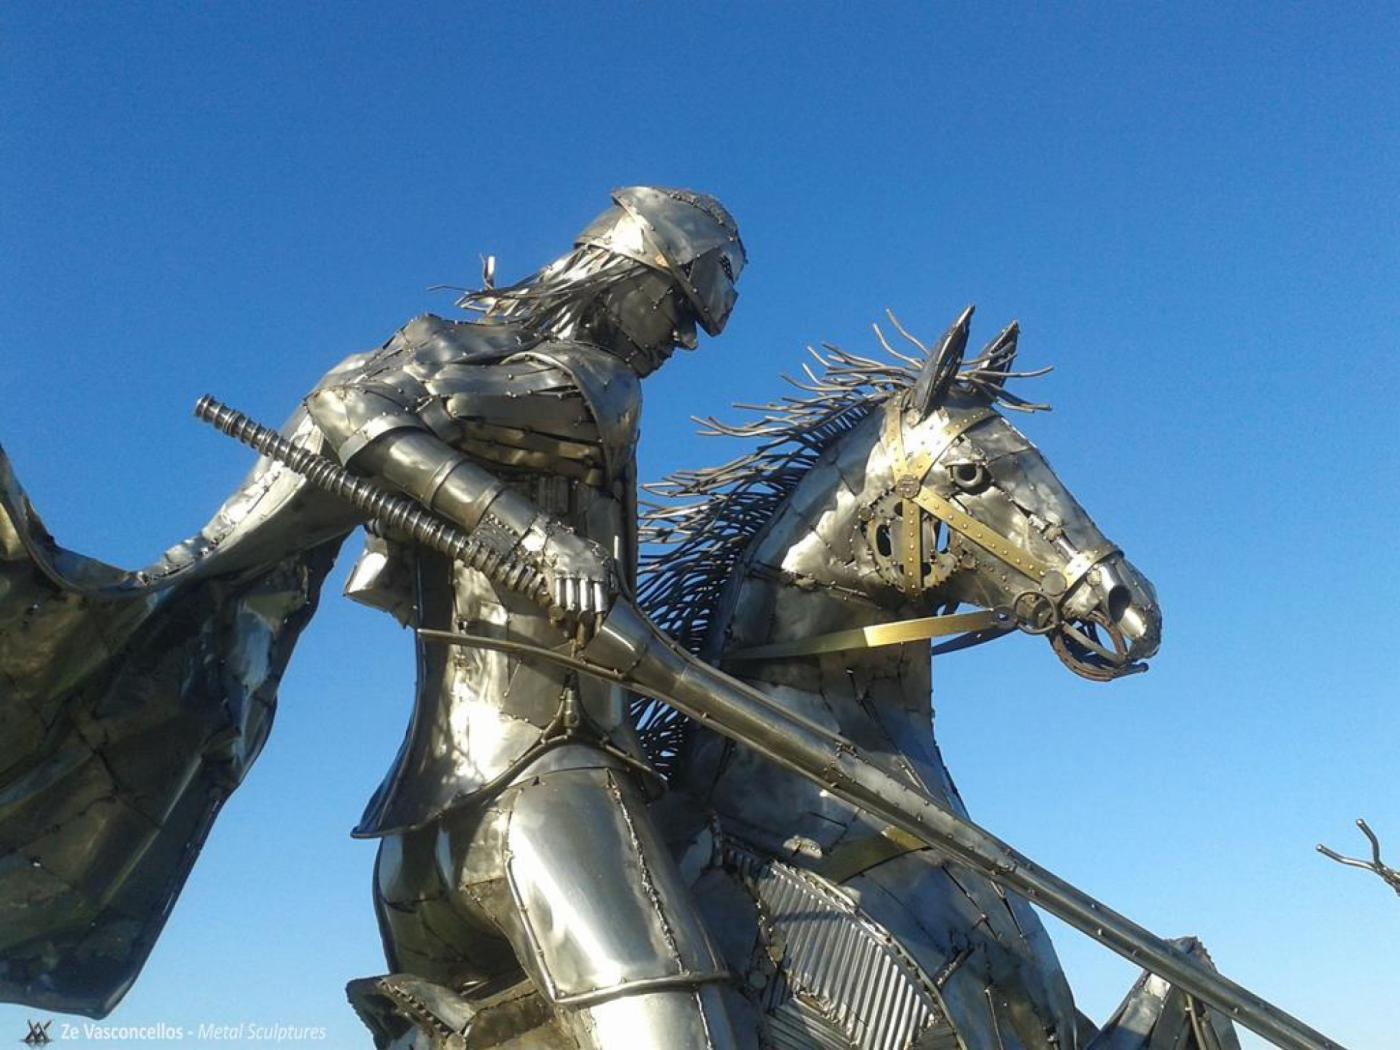 São Jorge  Ze Vasconcellos Metal SculpturesZe Vasconcellos Metal Sculptures - Metal Sculptures - Campinas - São Paulo - Brasil Esculturas em Metal, Metal Sculptures, Cavalo Metal, Horse Metal, Art Metal, Ze Vasconcellos Metal Sculptures